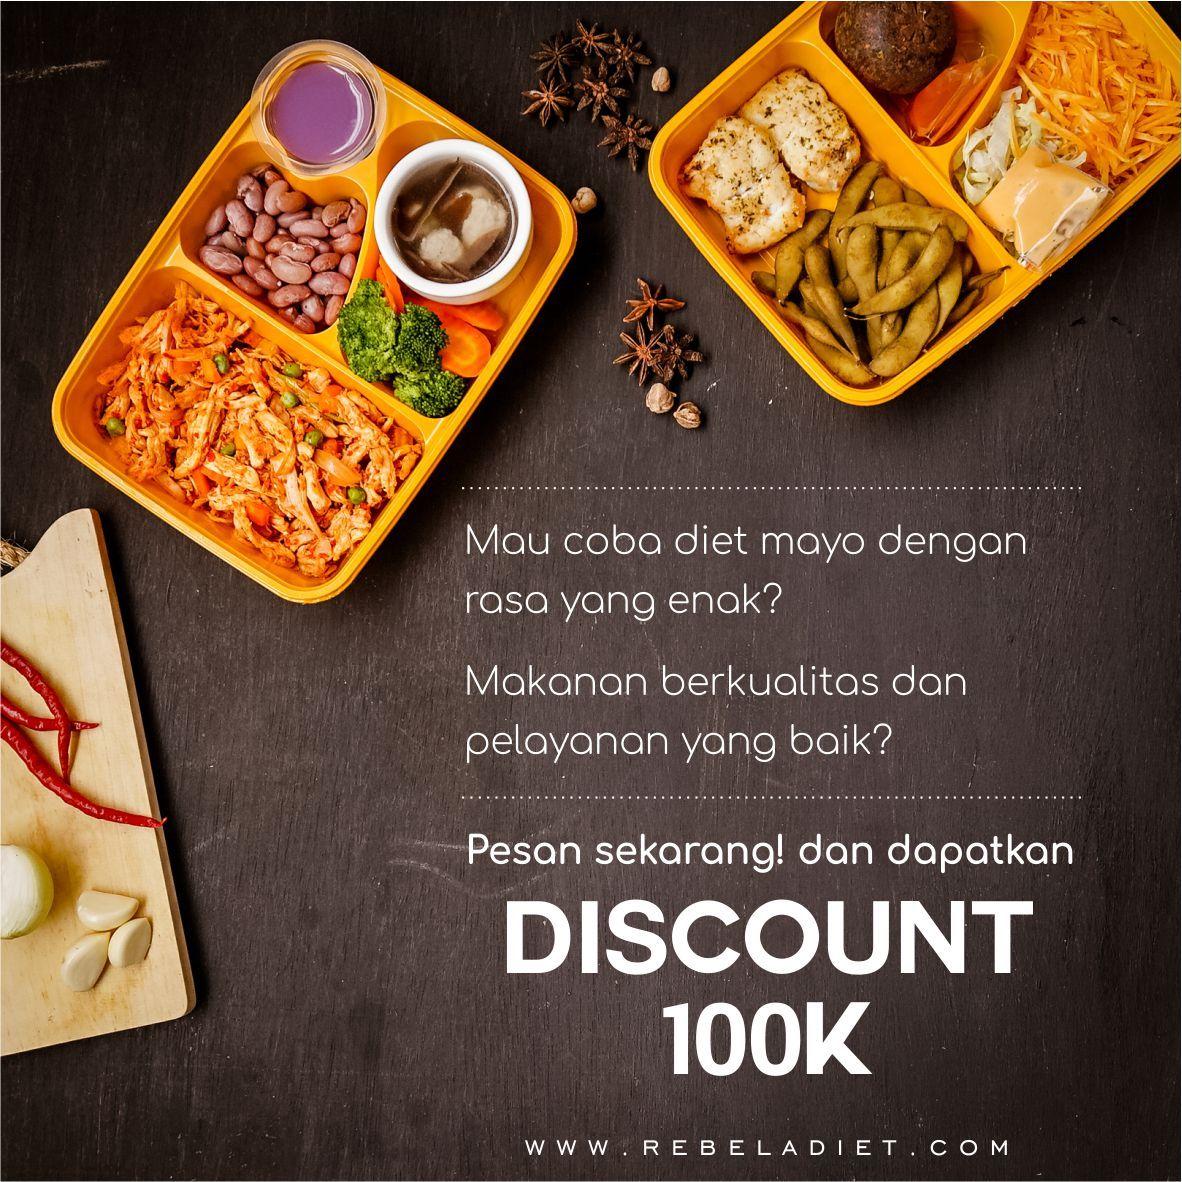 Diet Mayo Healthy Food Bisa Turunkan Berat Badan Sampai 8kg Free Delivery Free Snack Bandung Jakarta Tanggerang Makanan Penurunan Berat Badan Dan Berat Badan